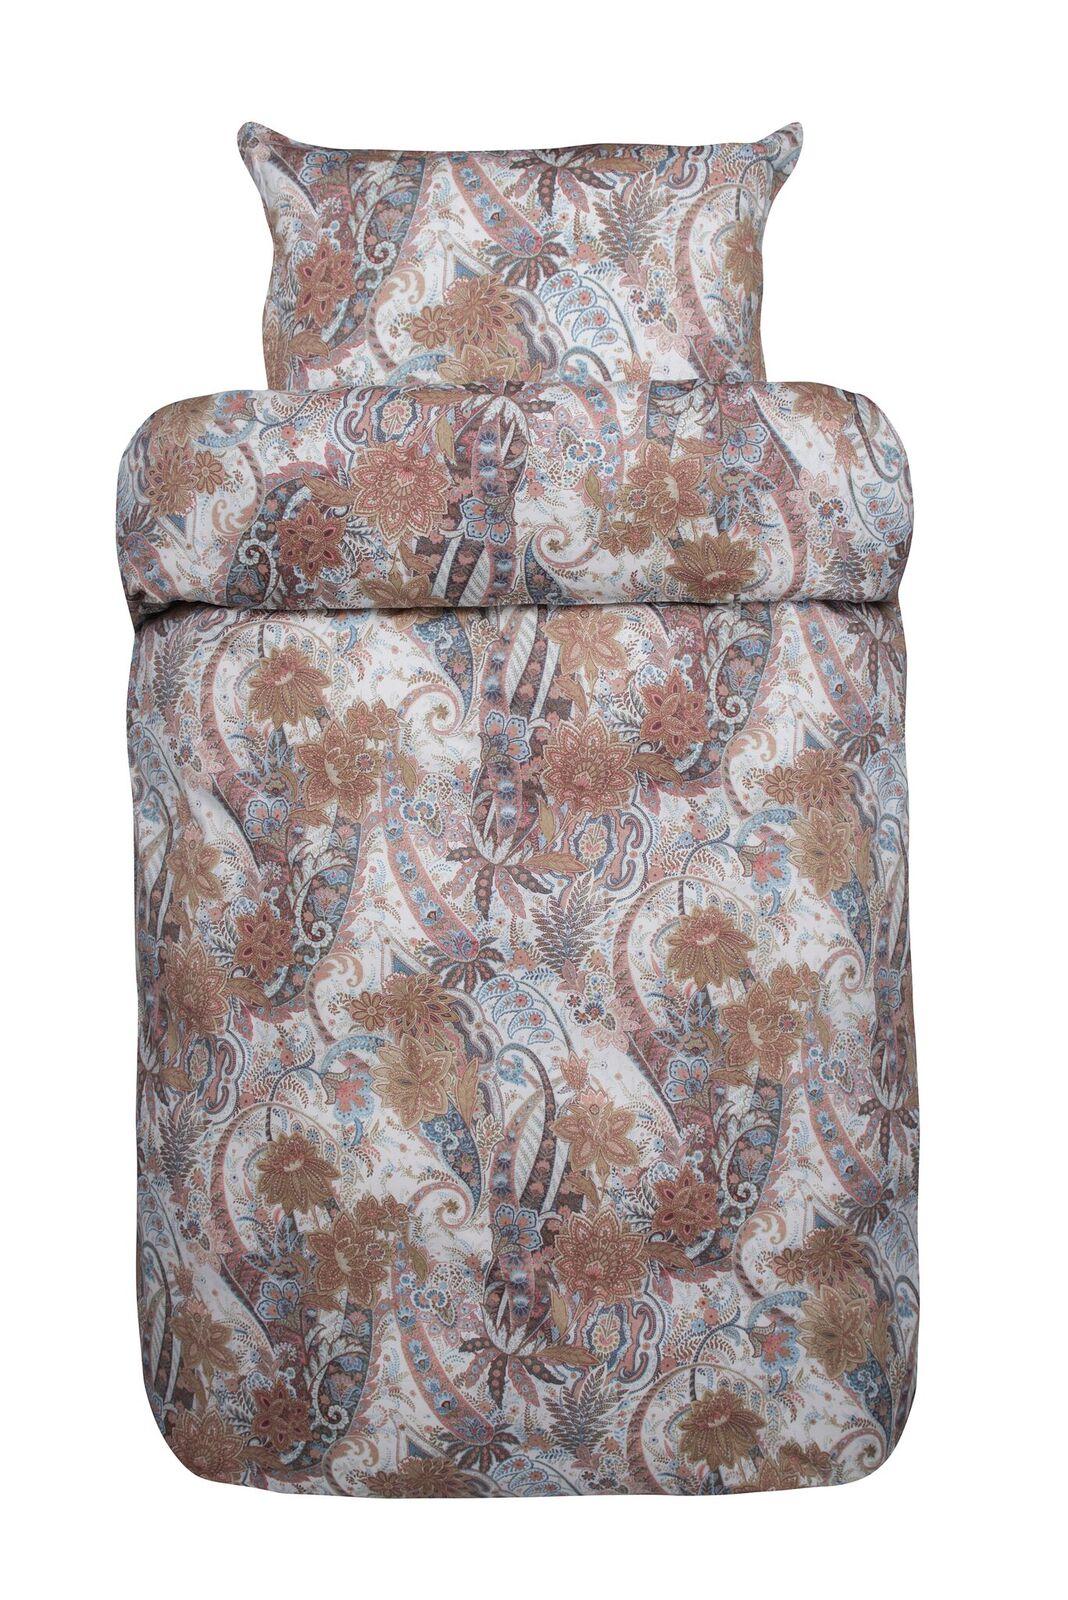 Sengetoj 140x220 Cm Eksklusiv Sengetoj Fra Hoie Gunilla Orange 220